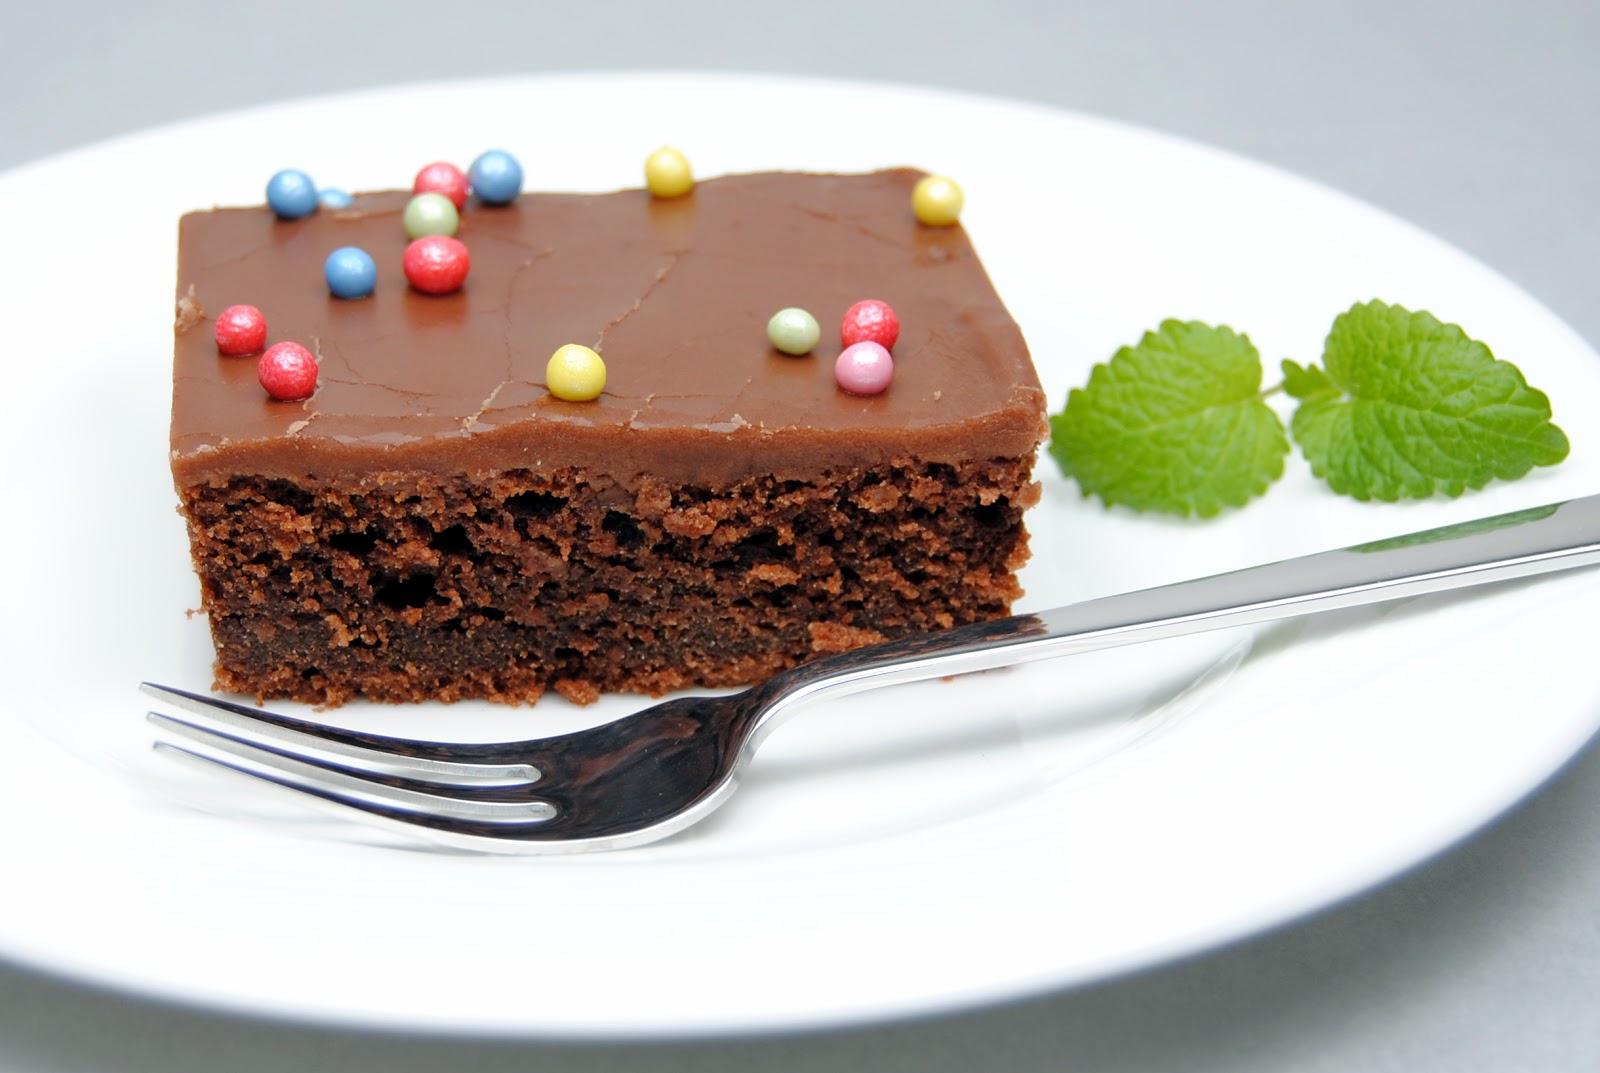 hva med en saftig sjokoladekake til.